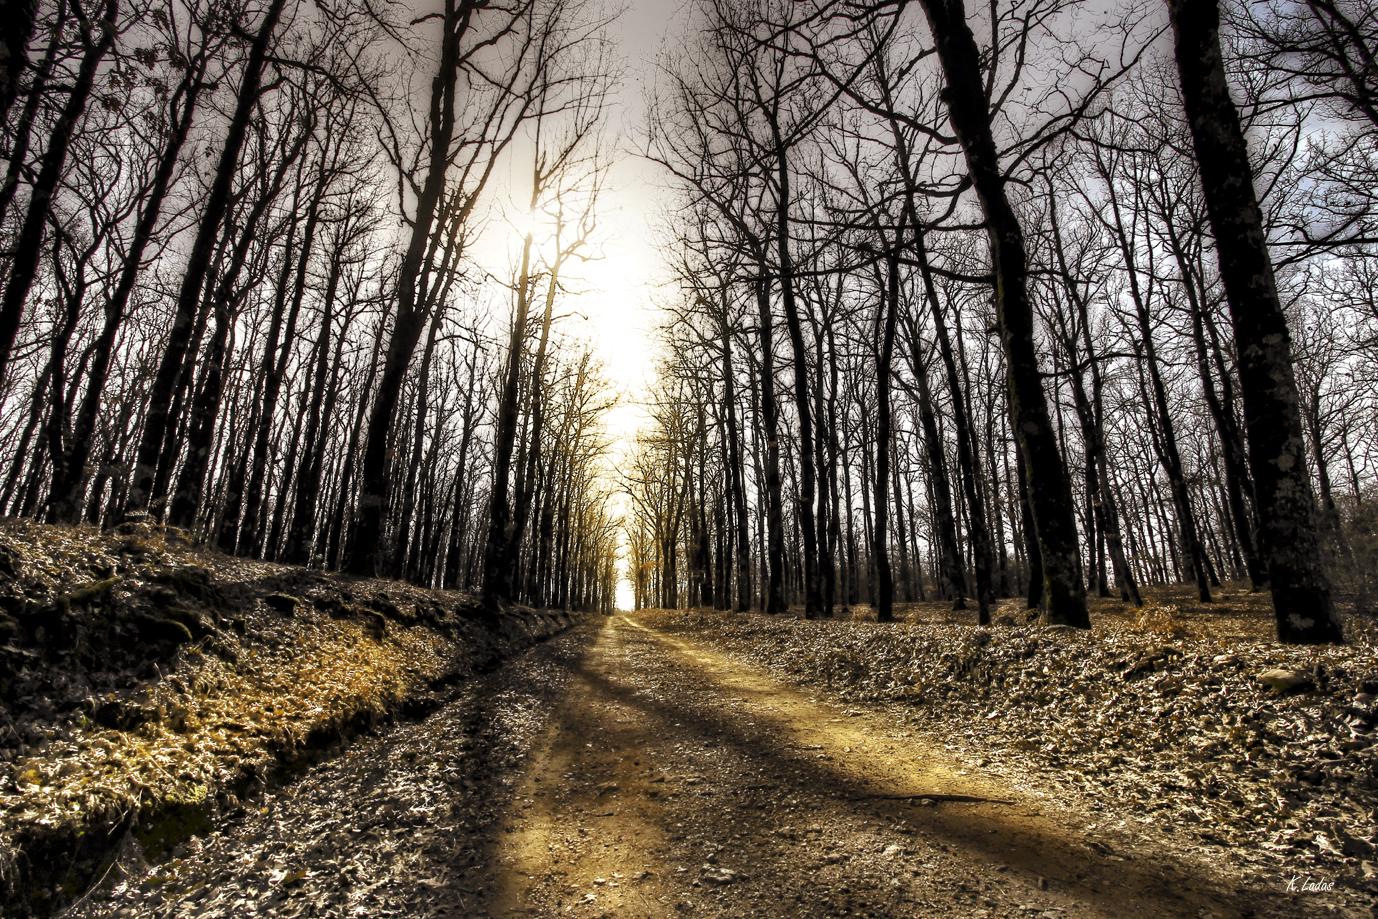 foloi-treesimg_9388_med